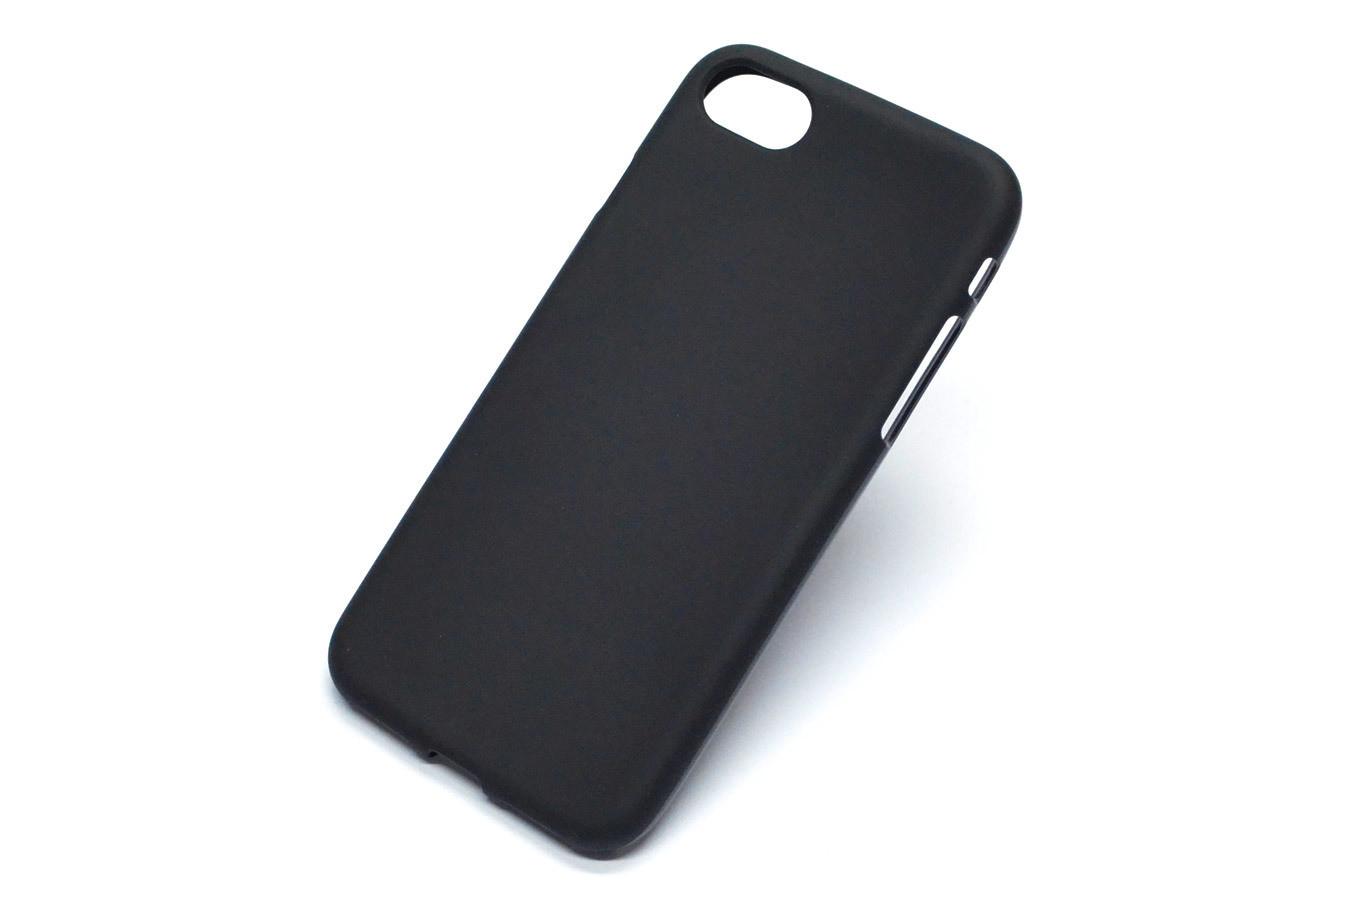 iPhone 7 Plastic Black